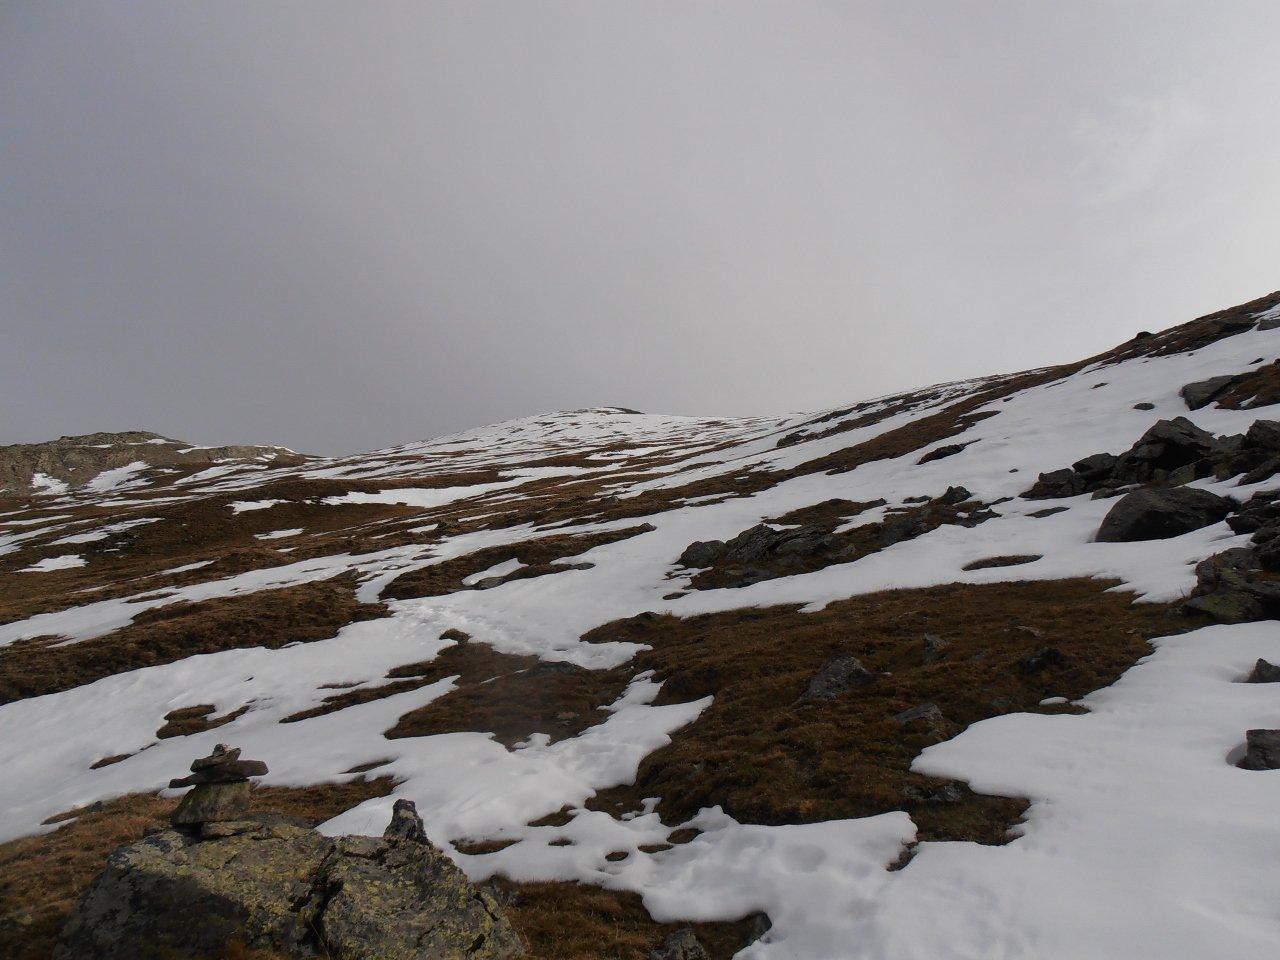 05 - inizio primi nevai